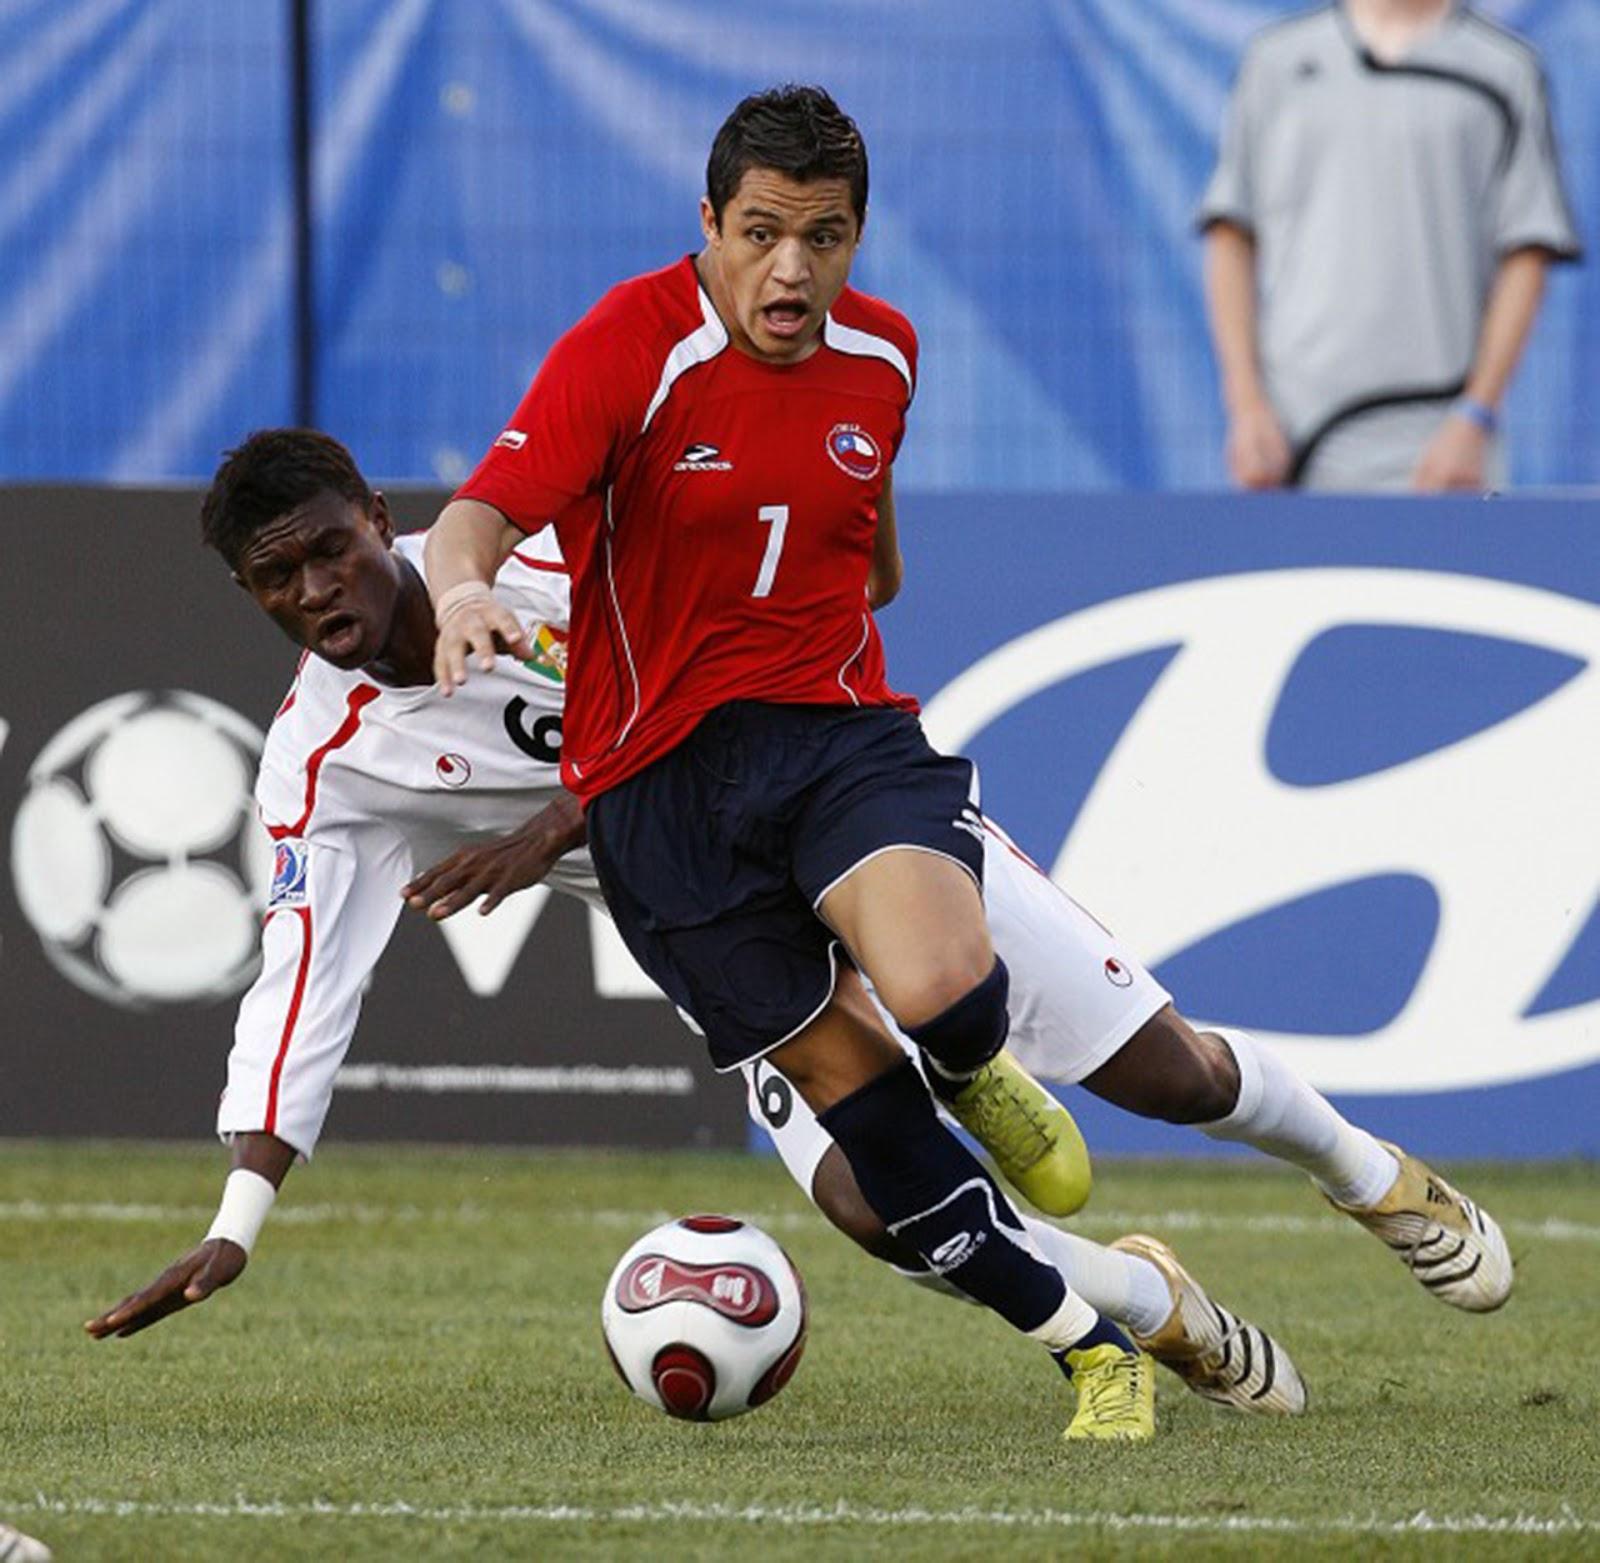 Chile y Congo en Copa del Mundo Sub-20 Canadá 2007, 5 de julio